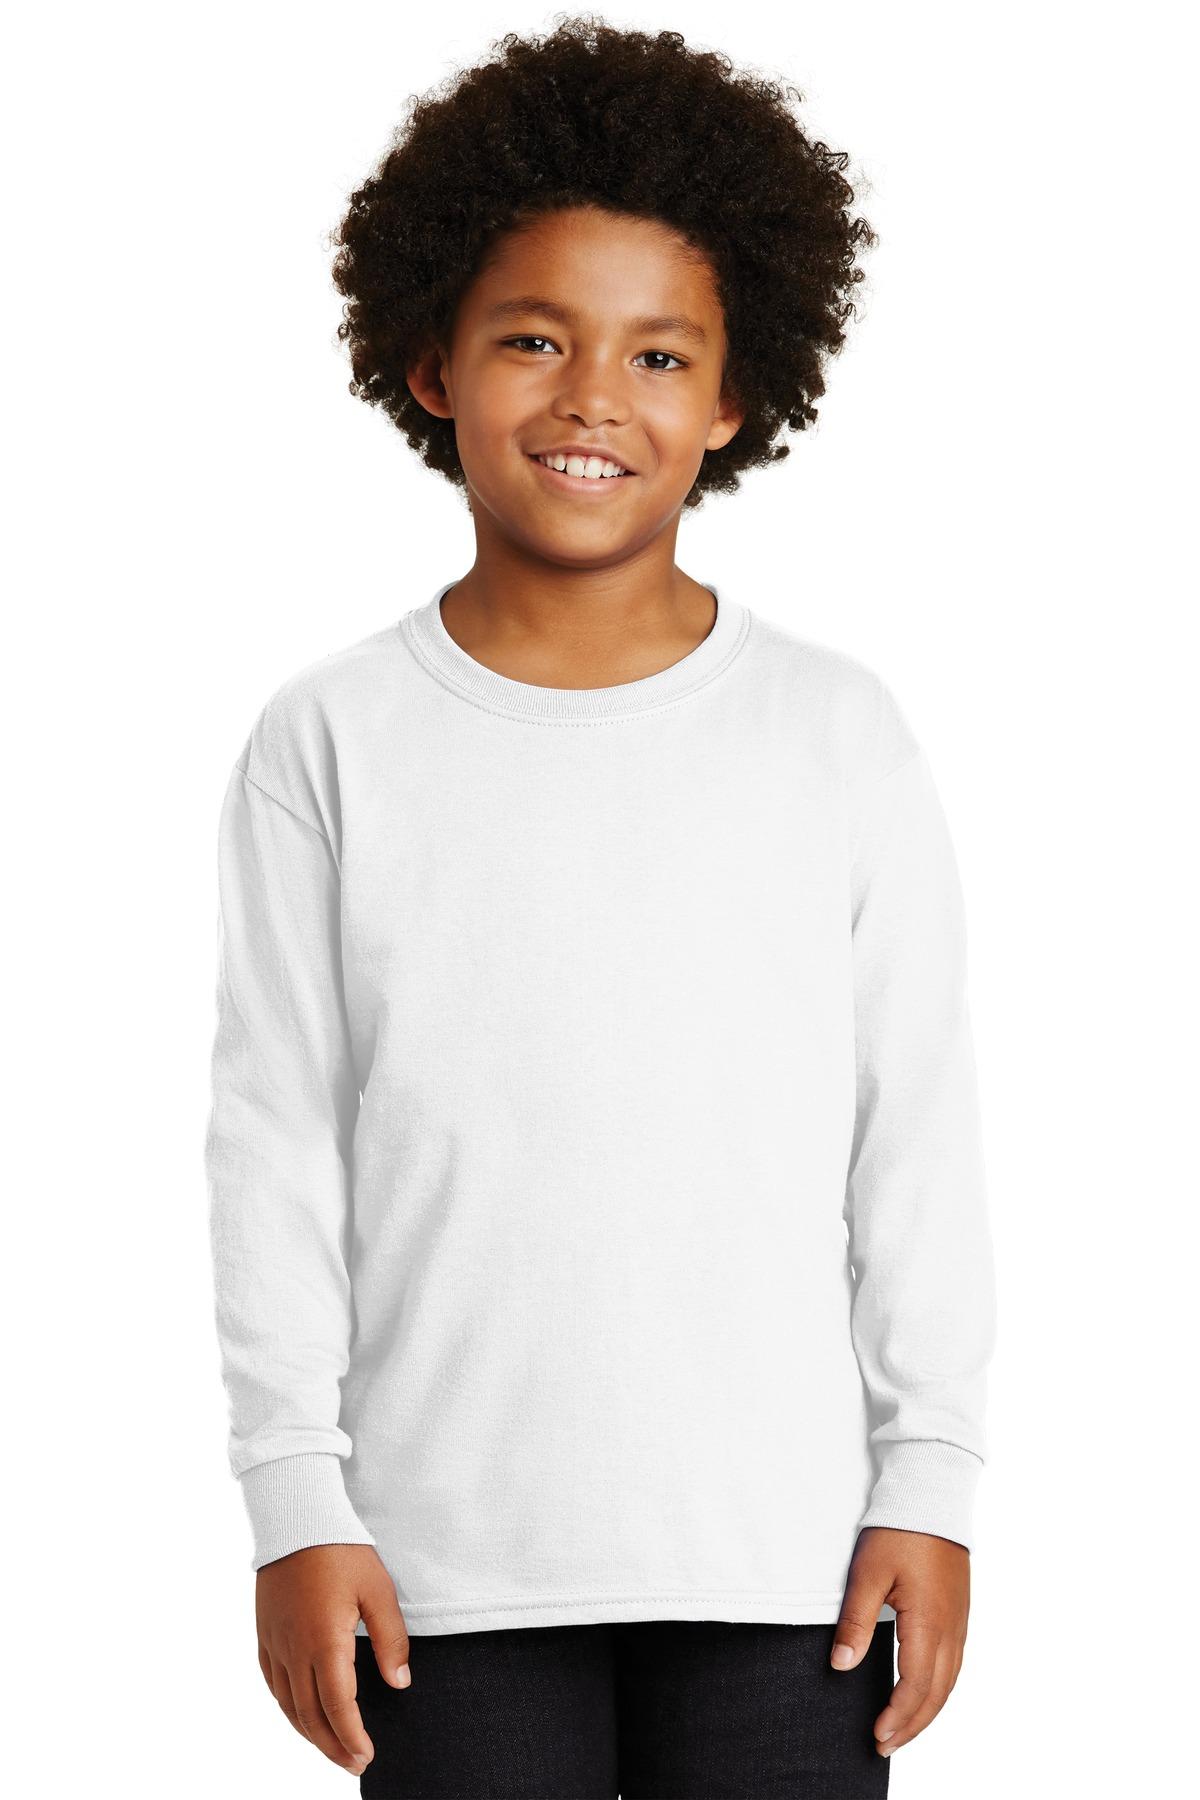 B white model front